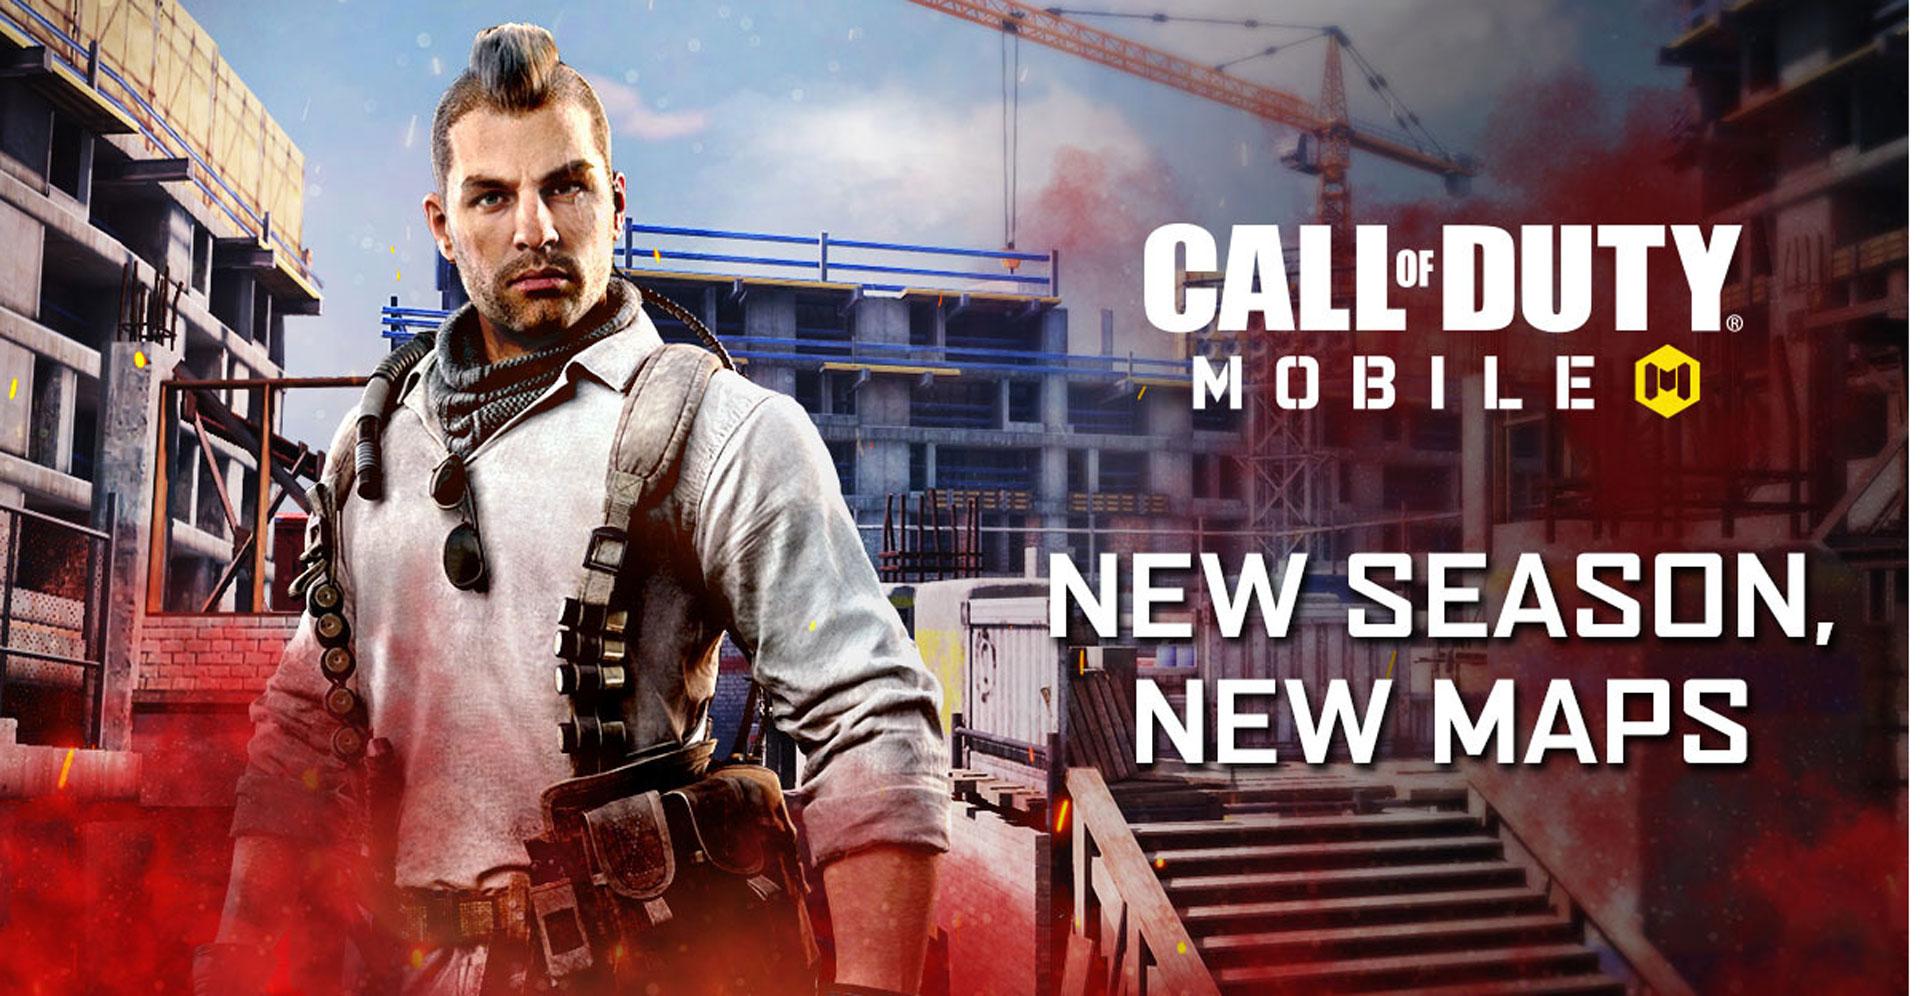 Activision | Temporada 4: Renegado chegou em Call of Duty Mobile